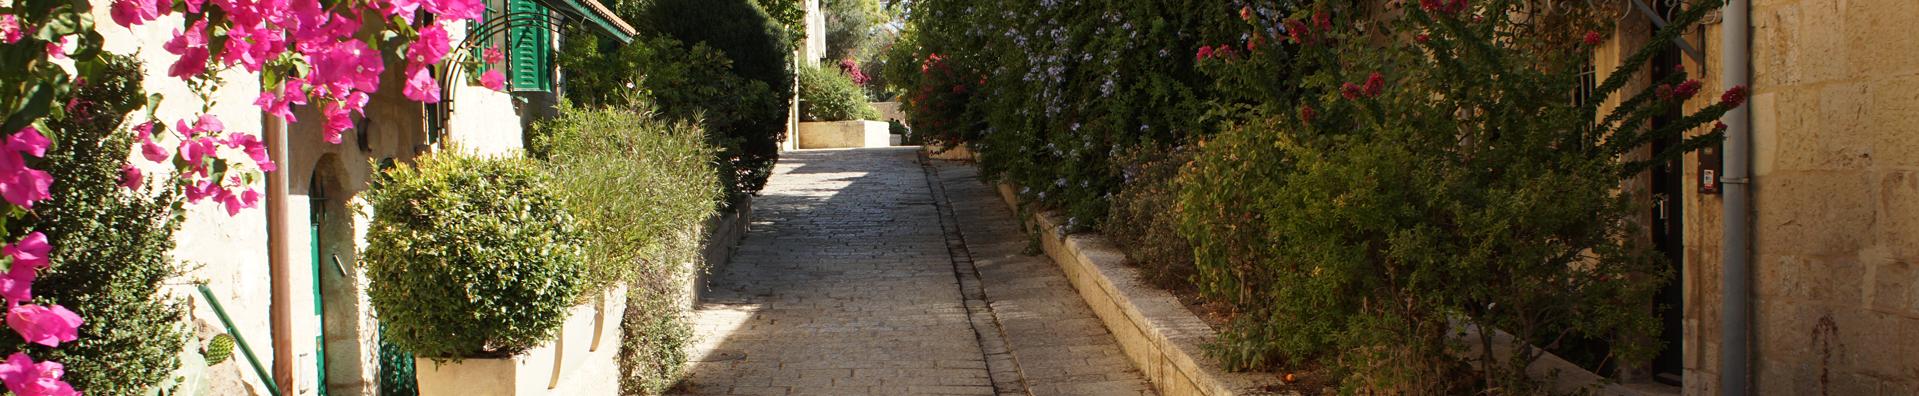 Yemin Moshe, balade